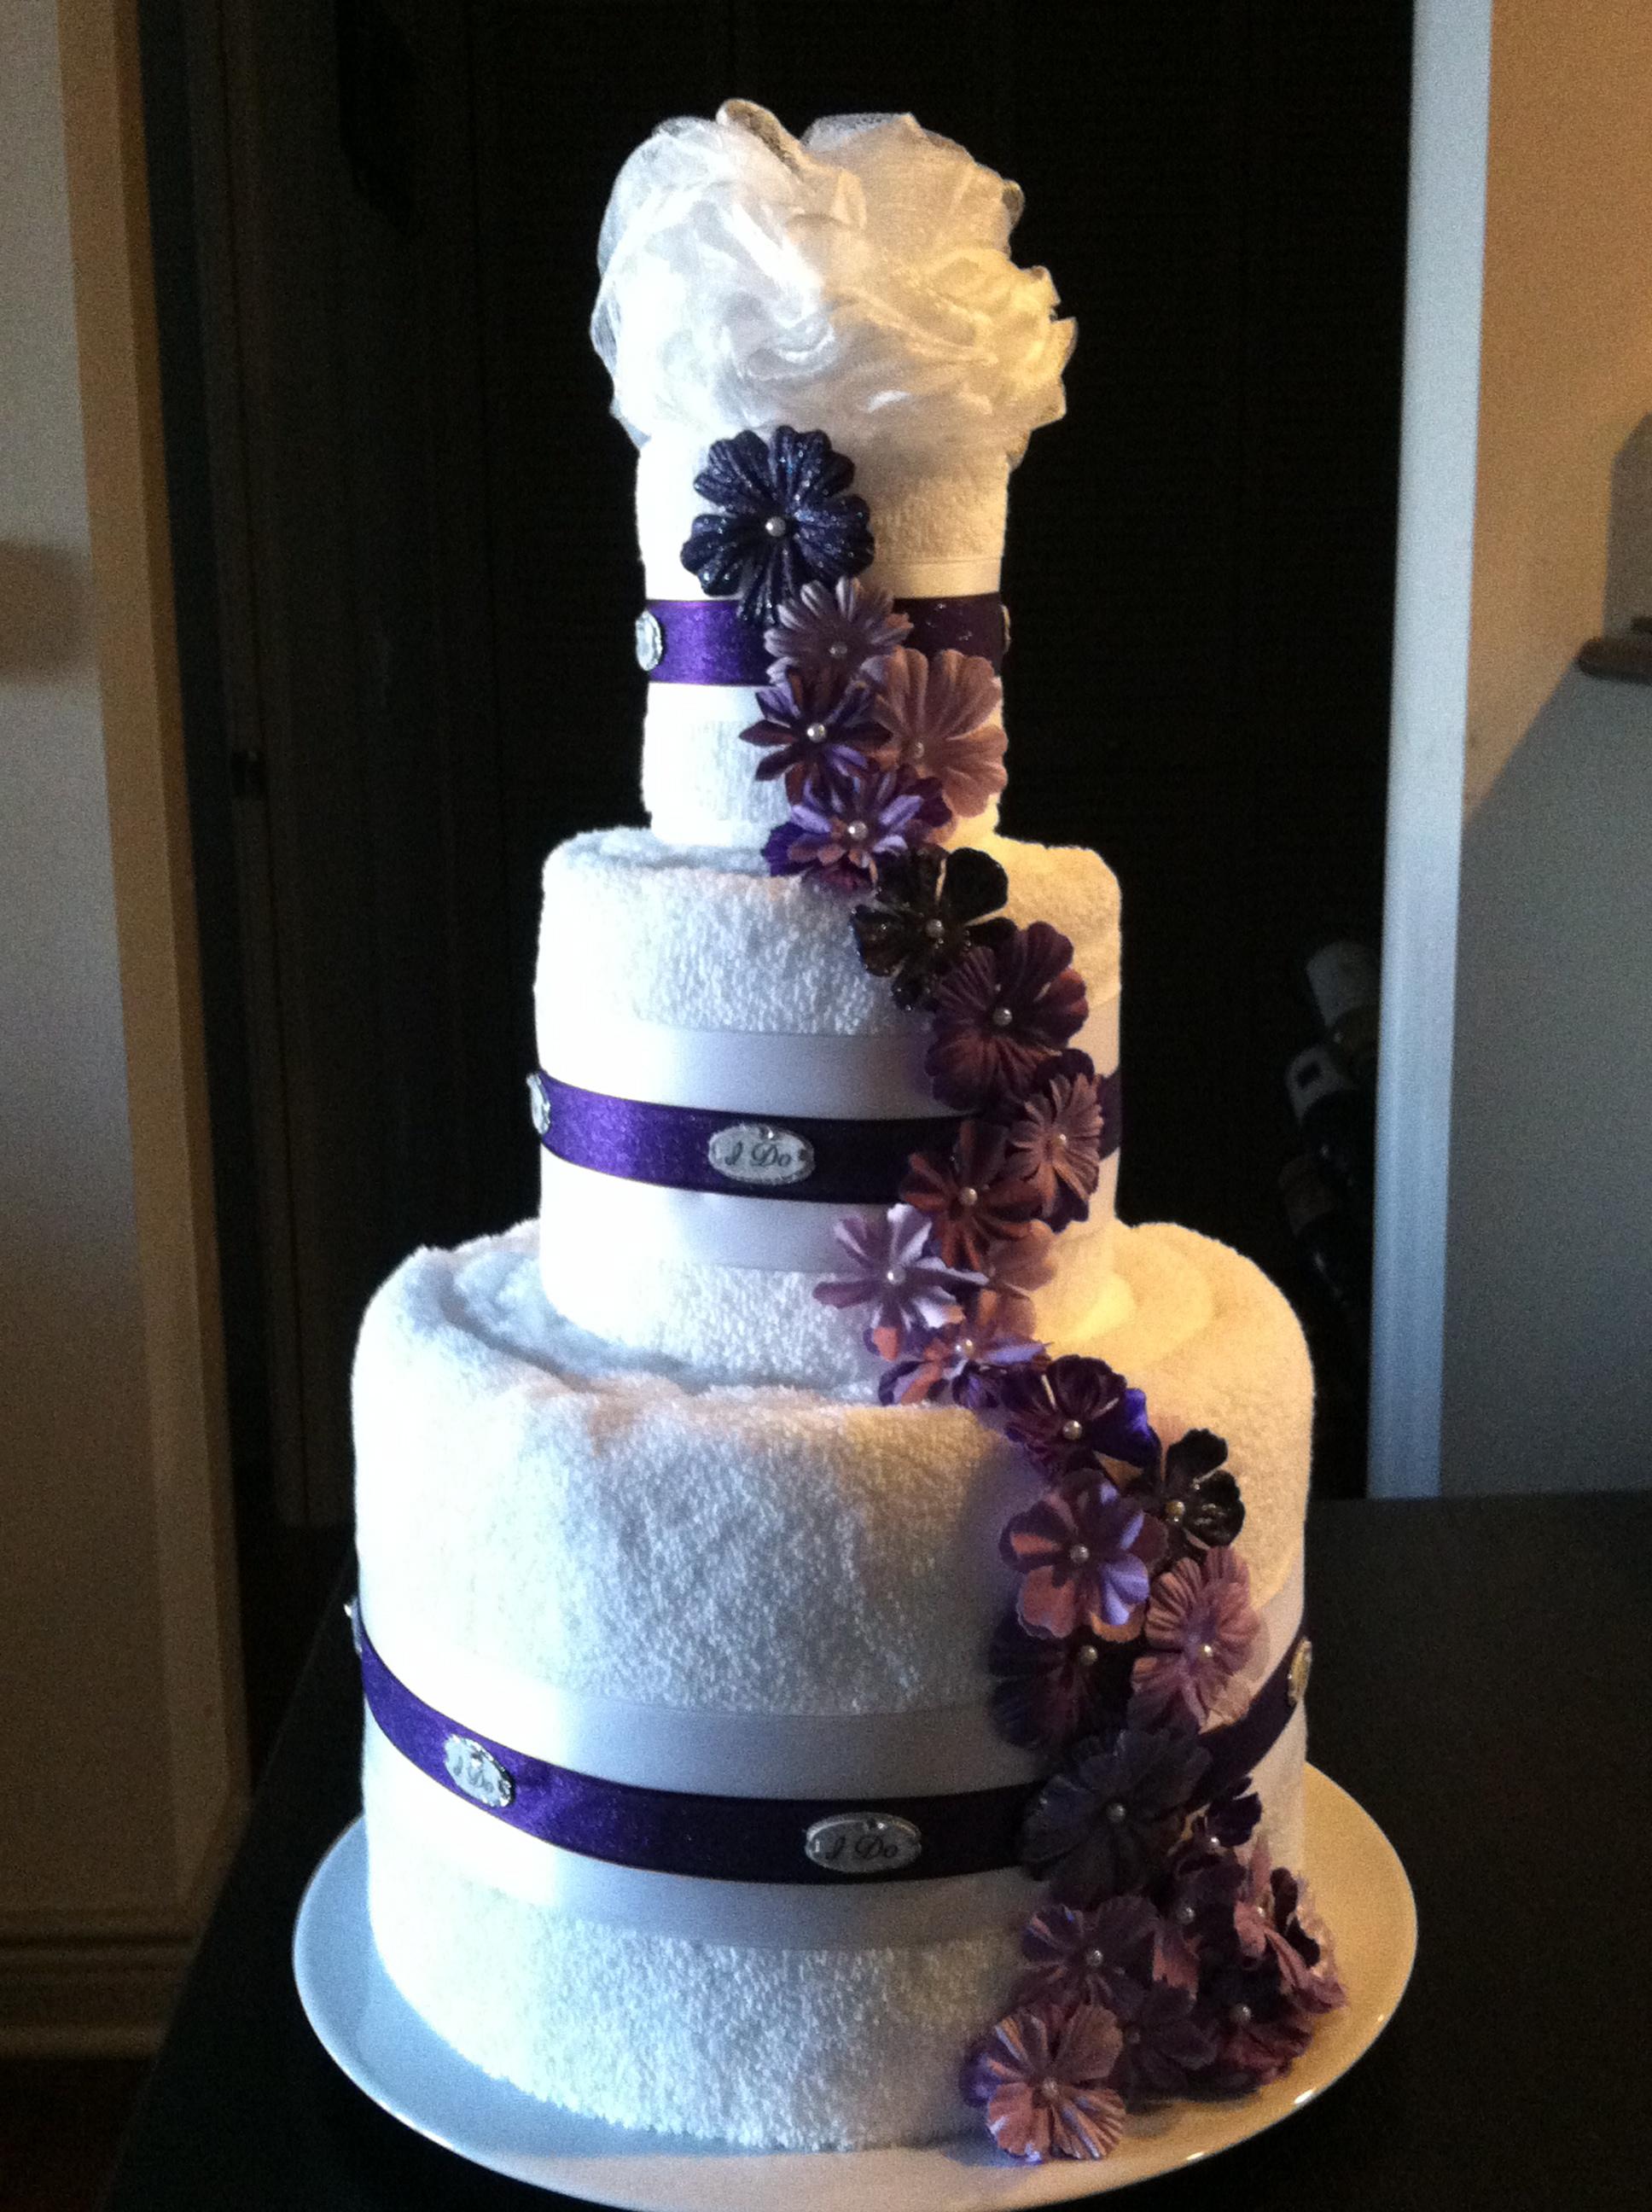 Bath Towel Wedding Cake for Bridal Shower